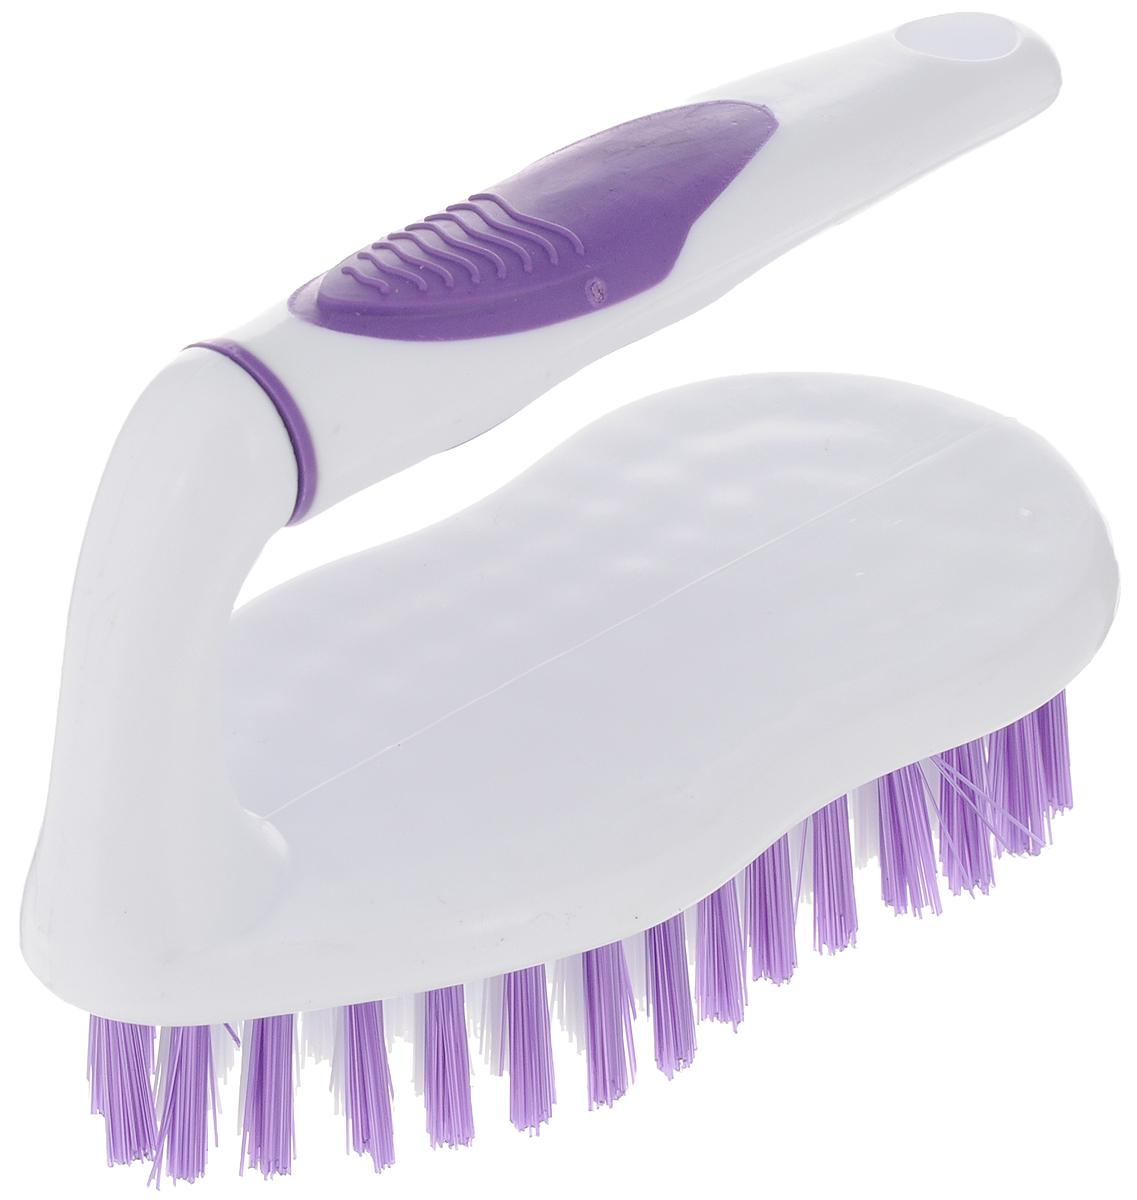 Еврощетка Home Queen Утюг, универсальная, цвет: белый, фиолетовый52076Еврощетка Home Queen Утюг, выполненная из полипропилена и нейлона, является универсальной щеткой для любых поверхностей, эффективно очищающей загрязнения. Оснащена удобной ручкой. Размер: 15 х 7 х 11,5 см. Длина ворсинок: 2,5 см.